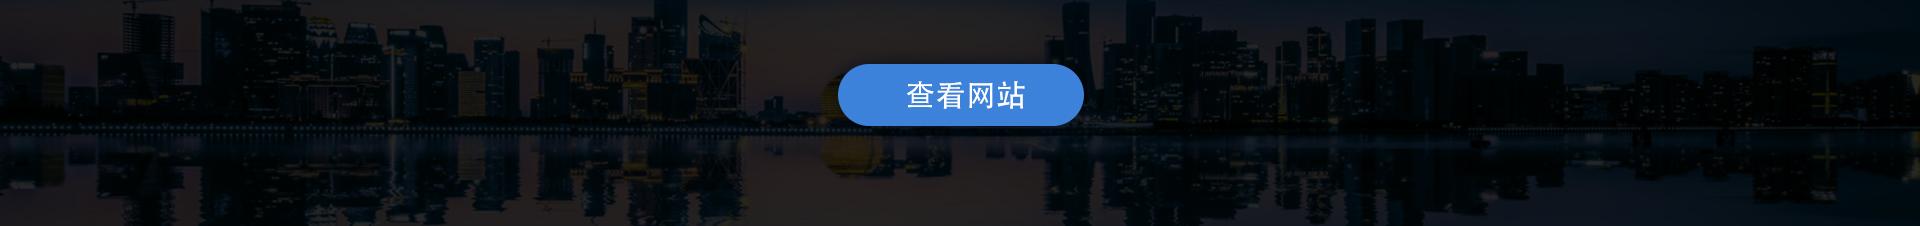 宁波飞色-尹美霞-邦睿_02